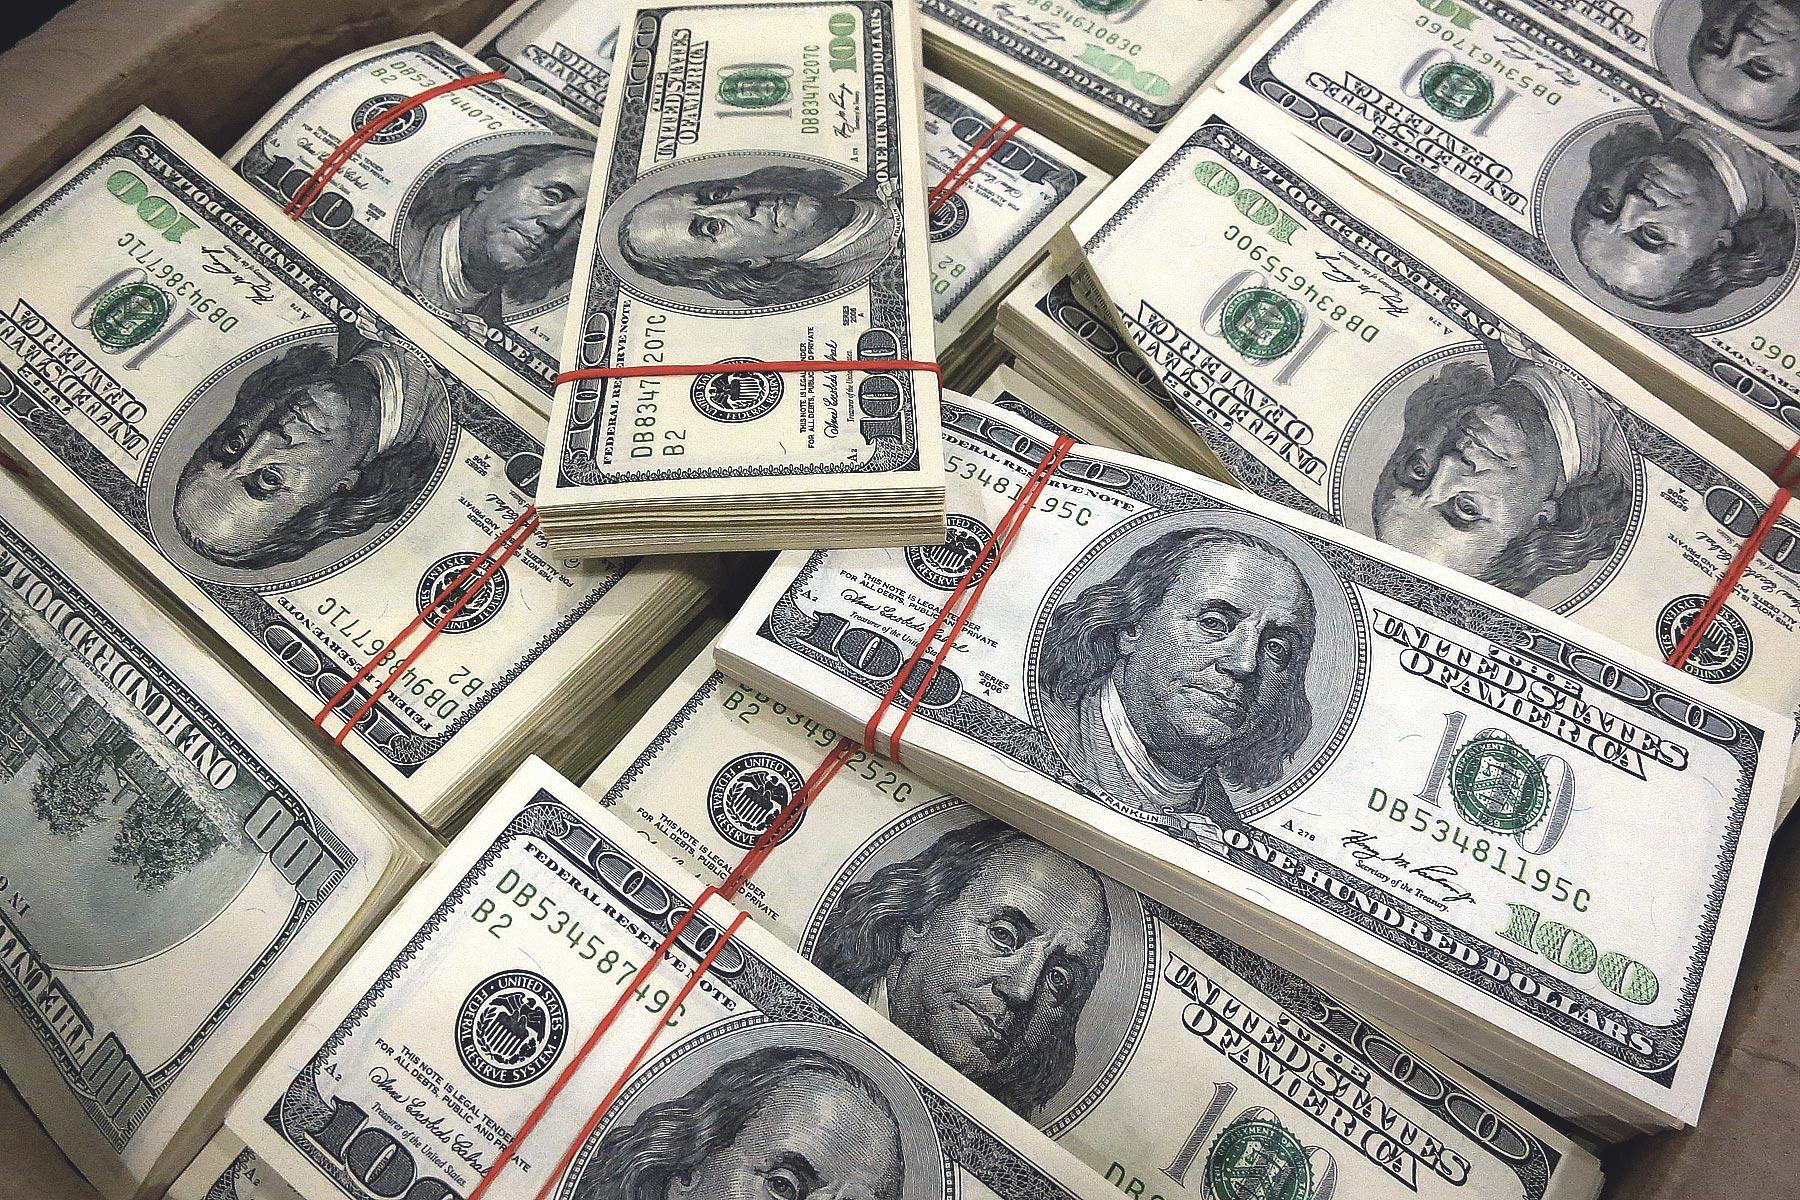 Sacan inversionistas extranjeros 178,800 mdp en lo que va del año